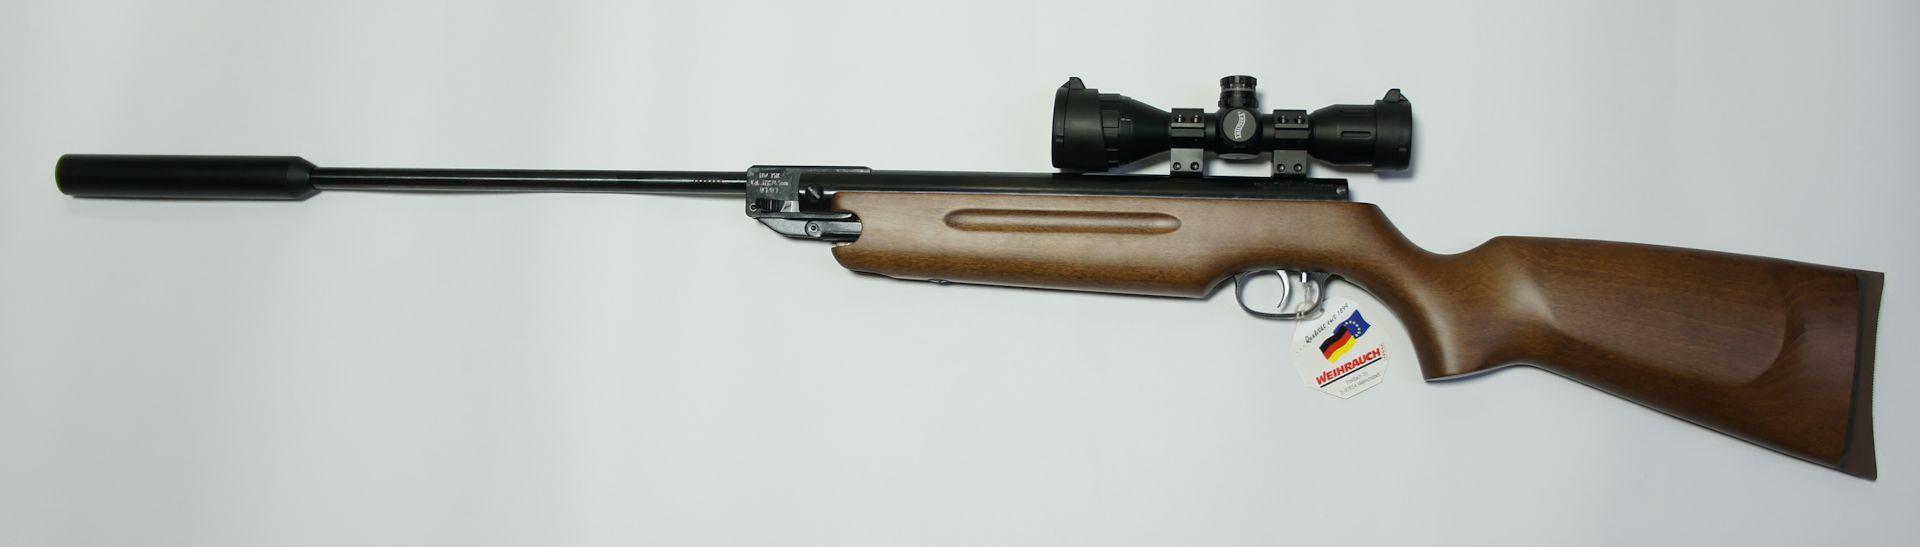 Luftgewehr HW 35 mit Schalldämpfer und Zielfernrohr